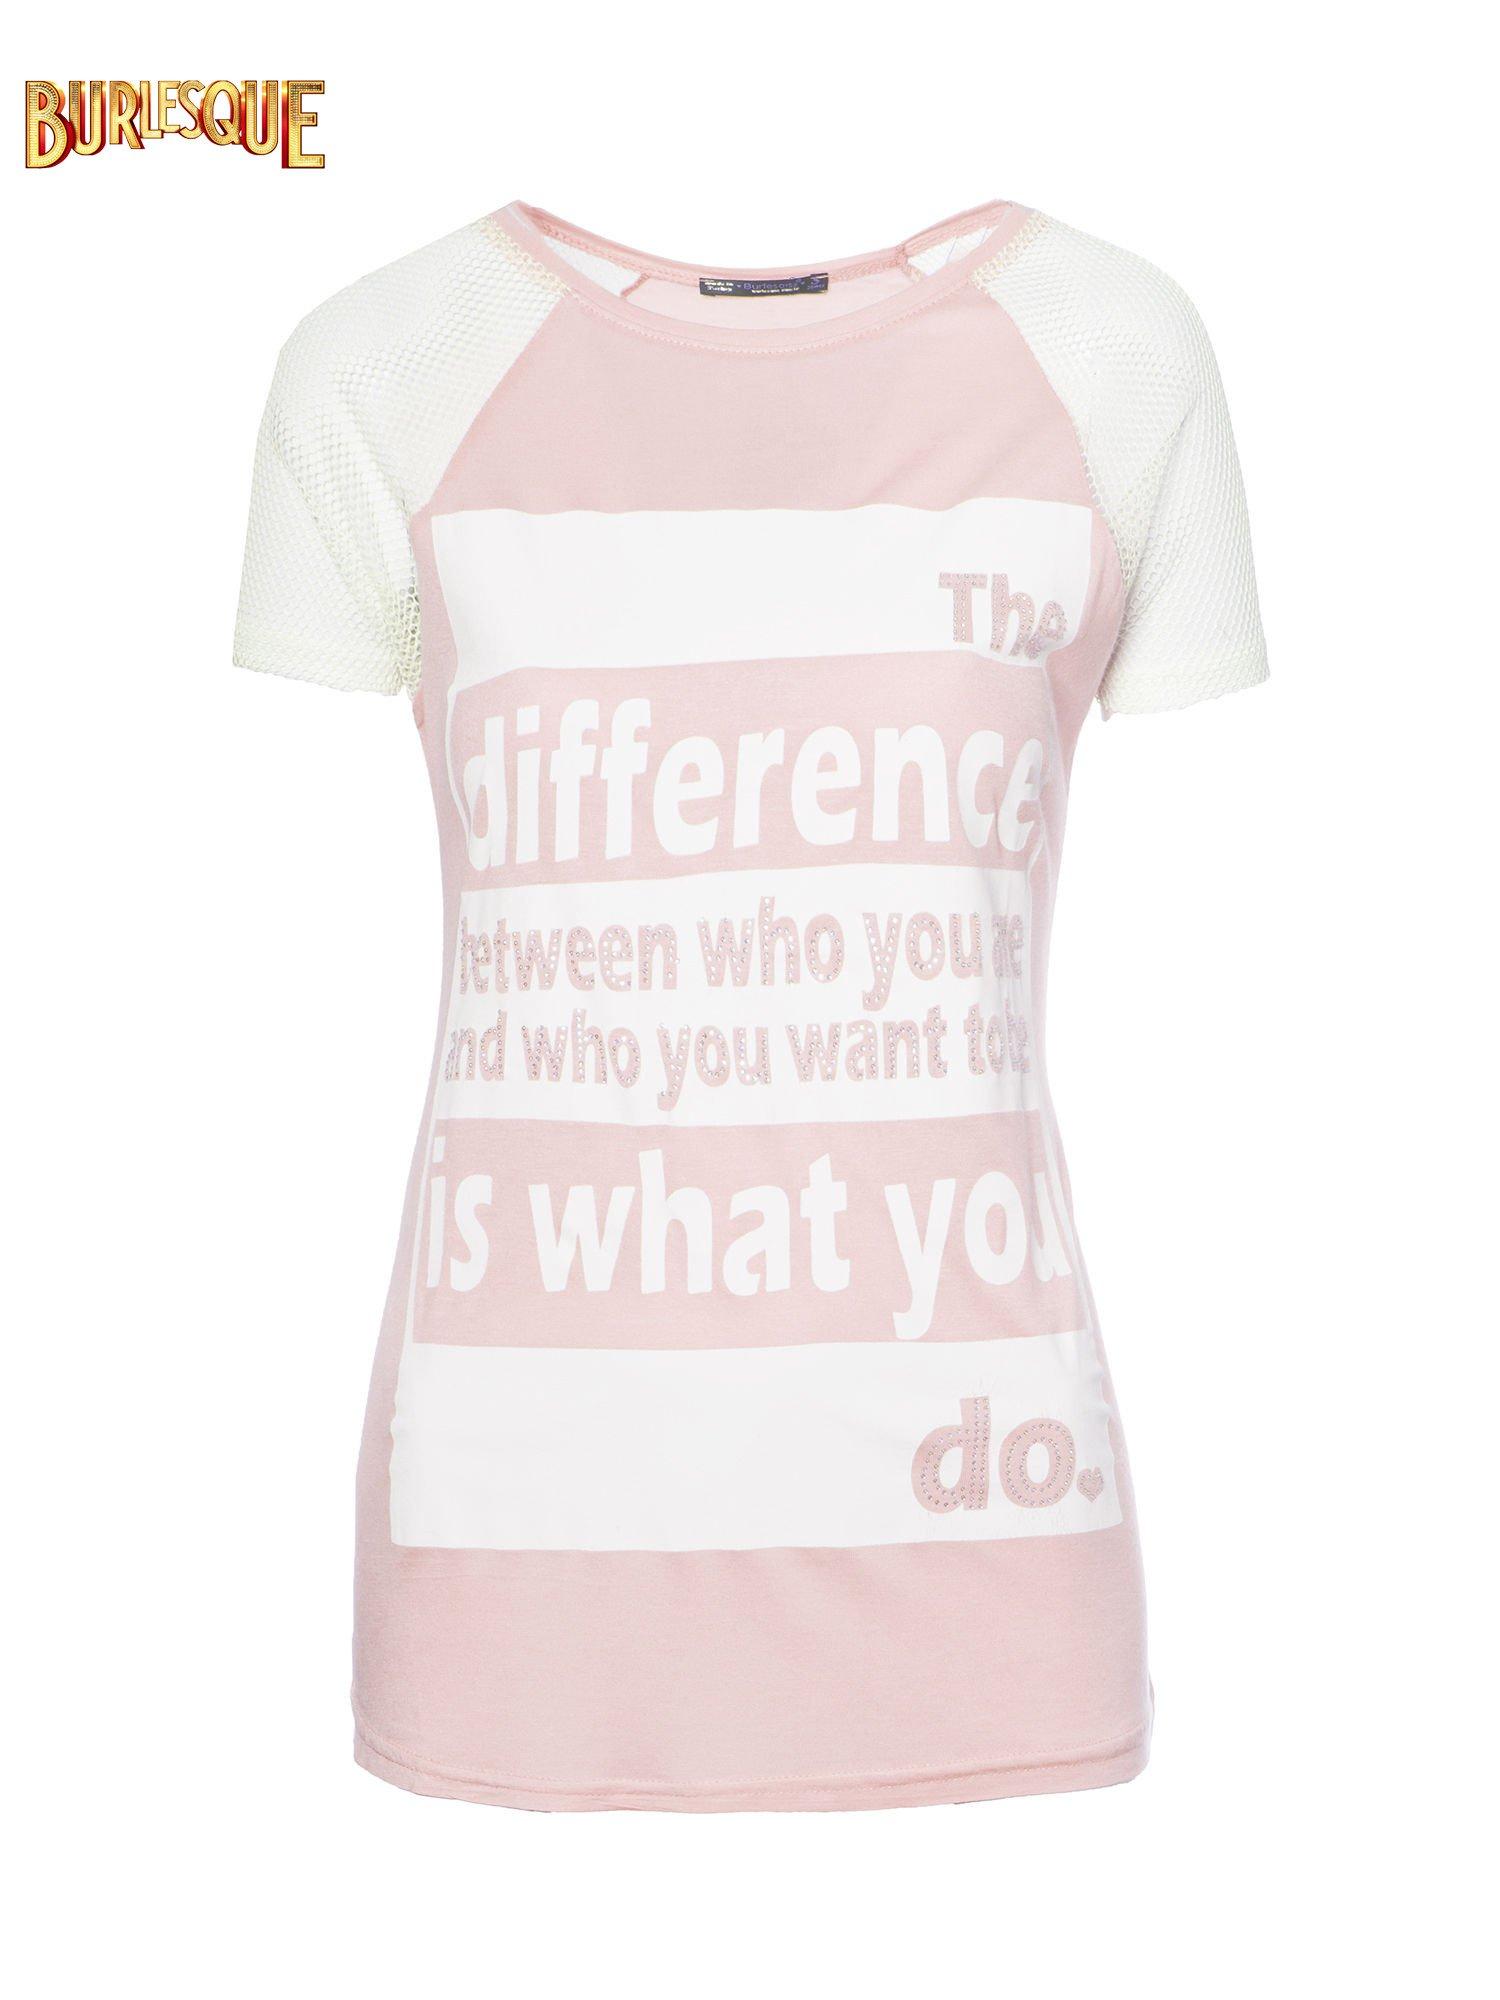 Jasnoróżowy t-shirt z napisem i siateczkowymi rękawami                                  zdj.                                  1